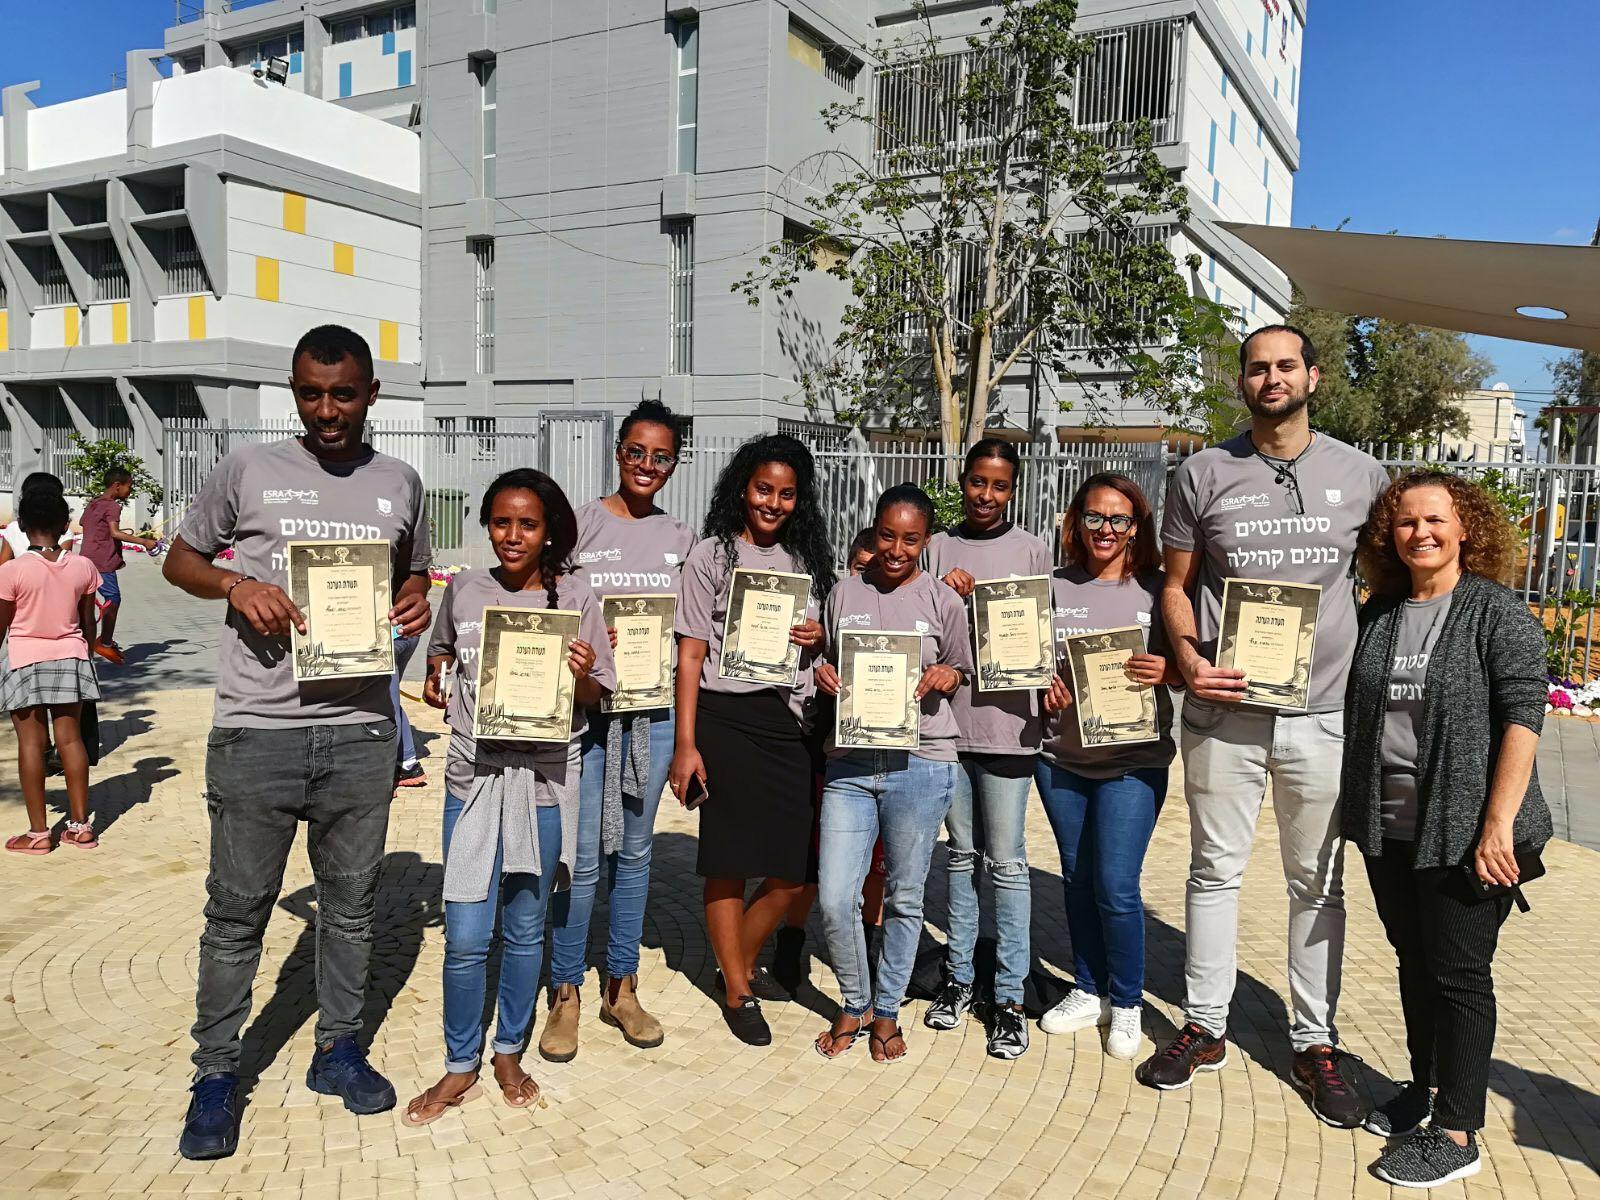 מוקירים ומעריכים... הסטודנטים של פרוייקט בונים קהילה מקבלים תעודת הערכה ממנהלת ביהס נורדאו